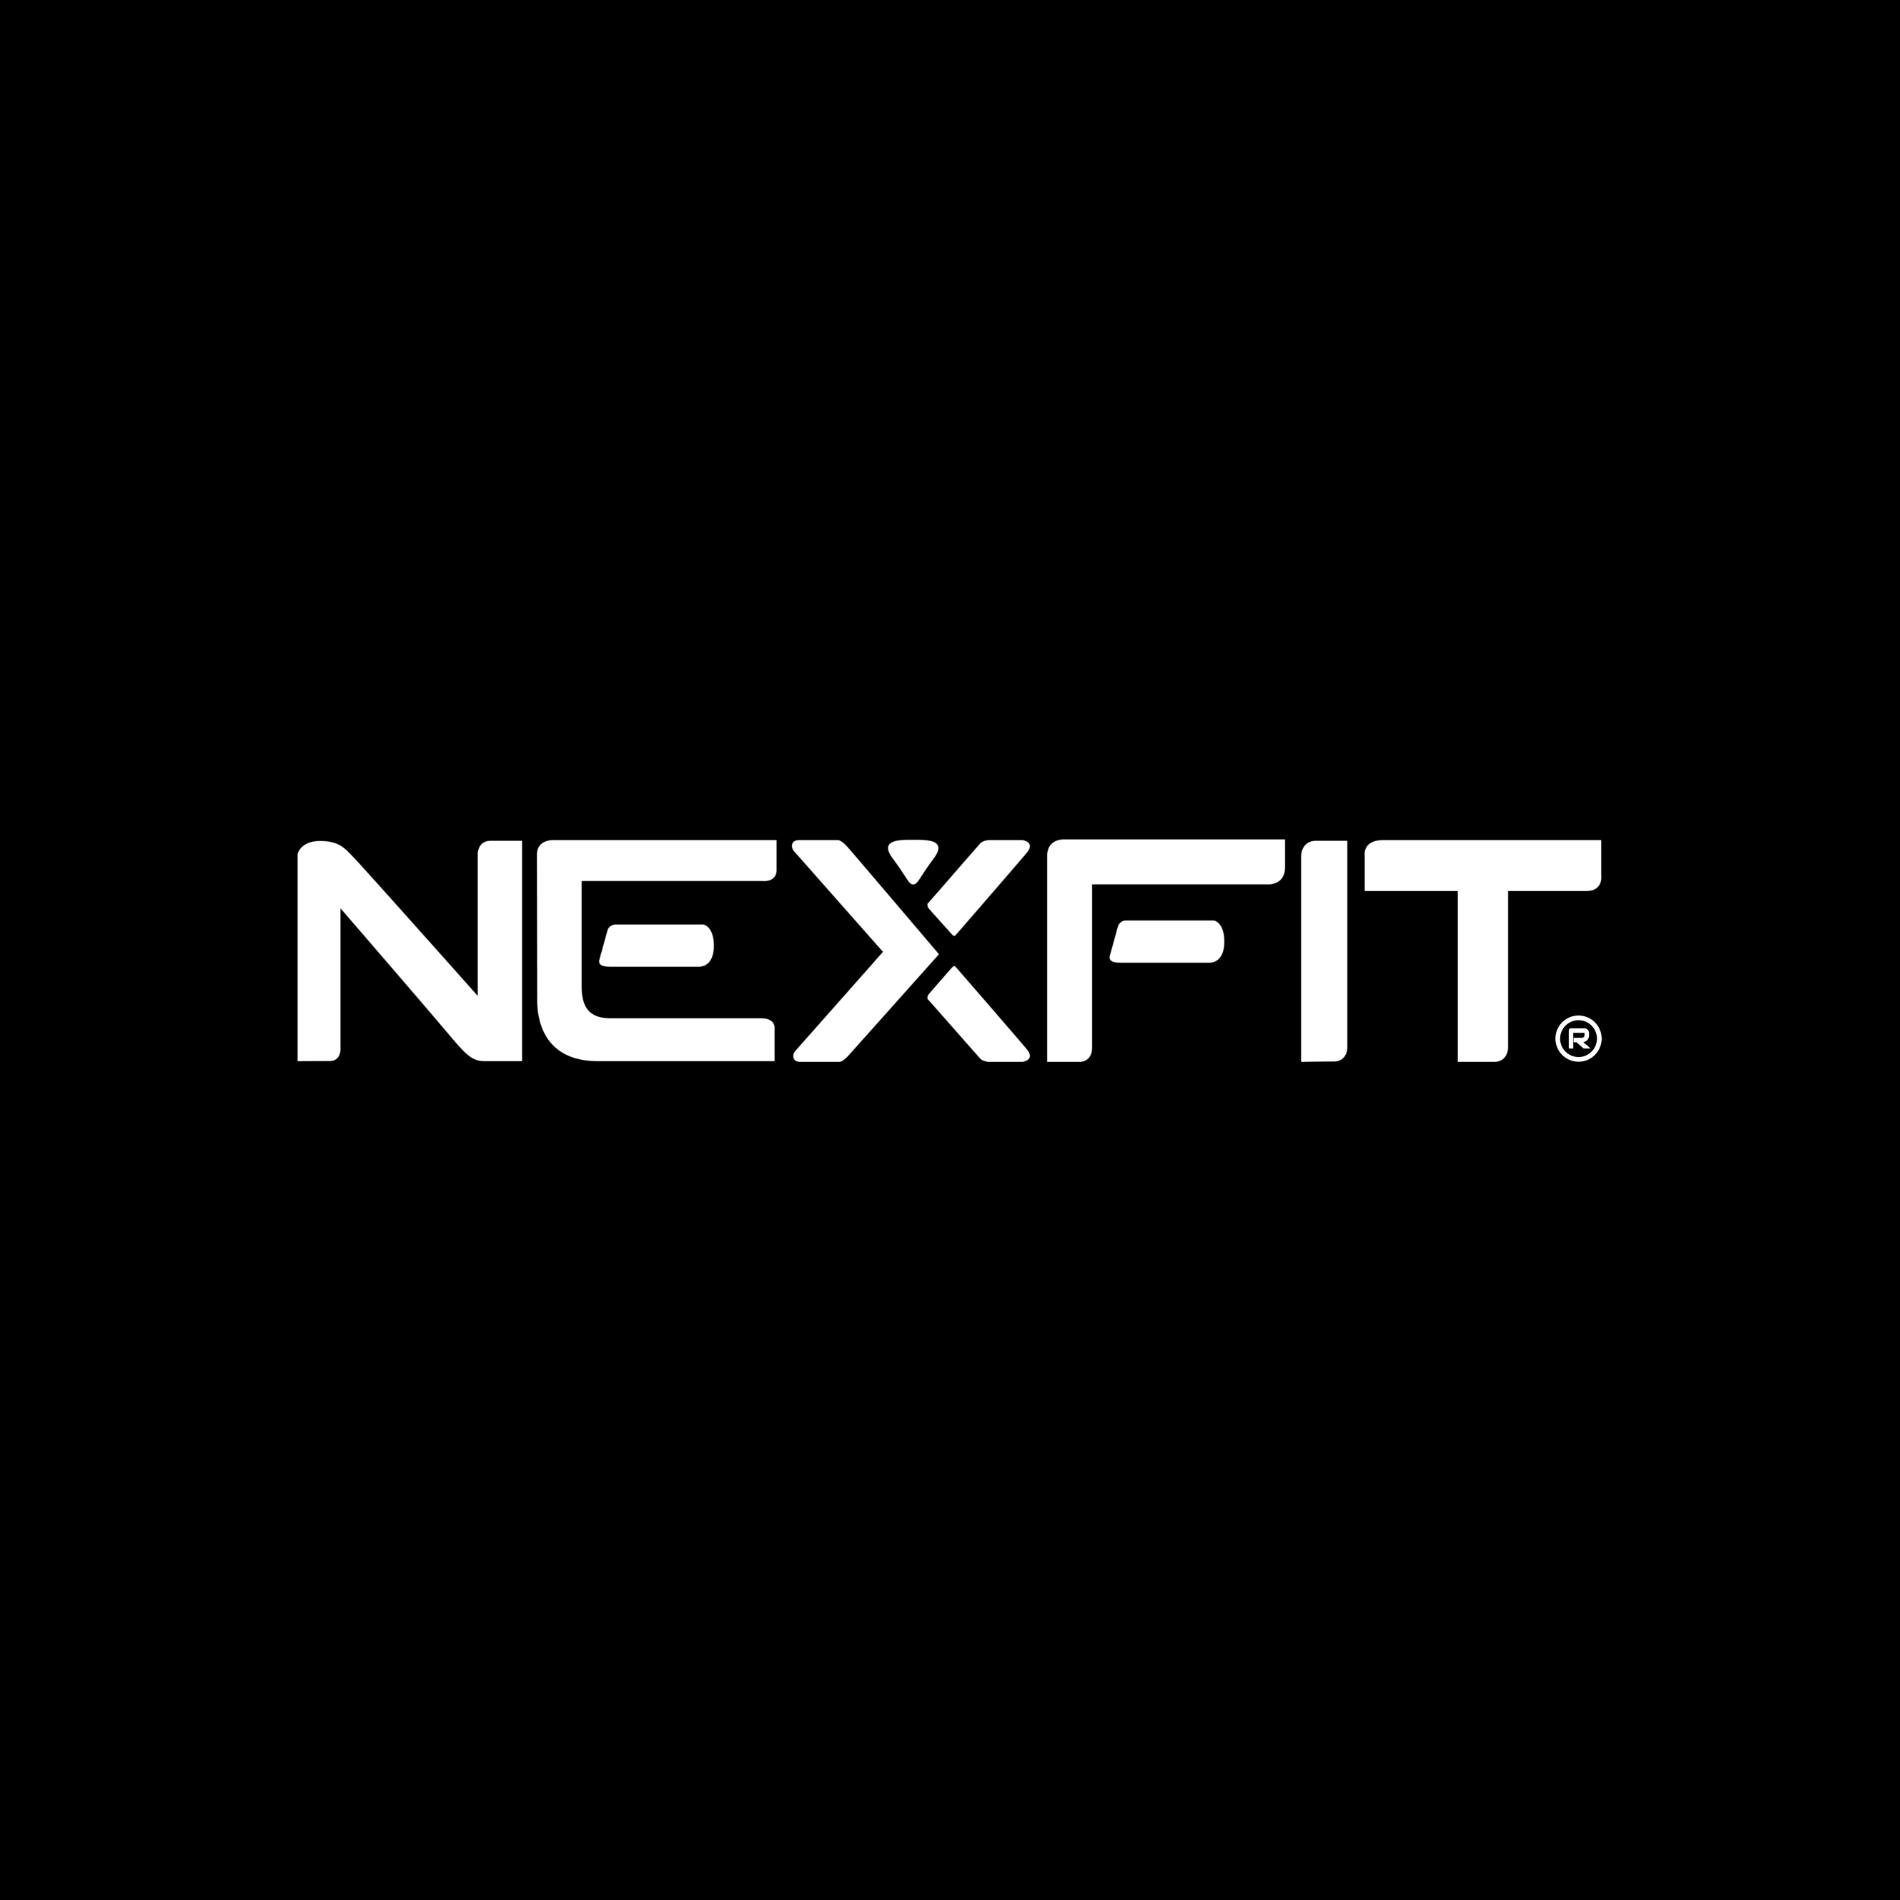 NEXFIT Martinengo - Prenotazioni Ingresso